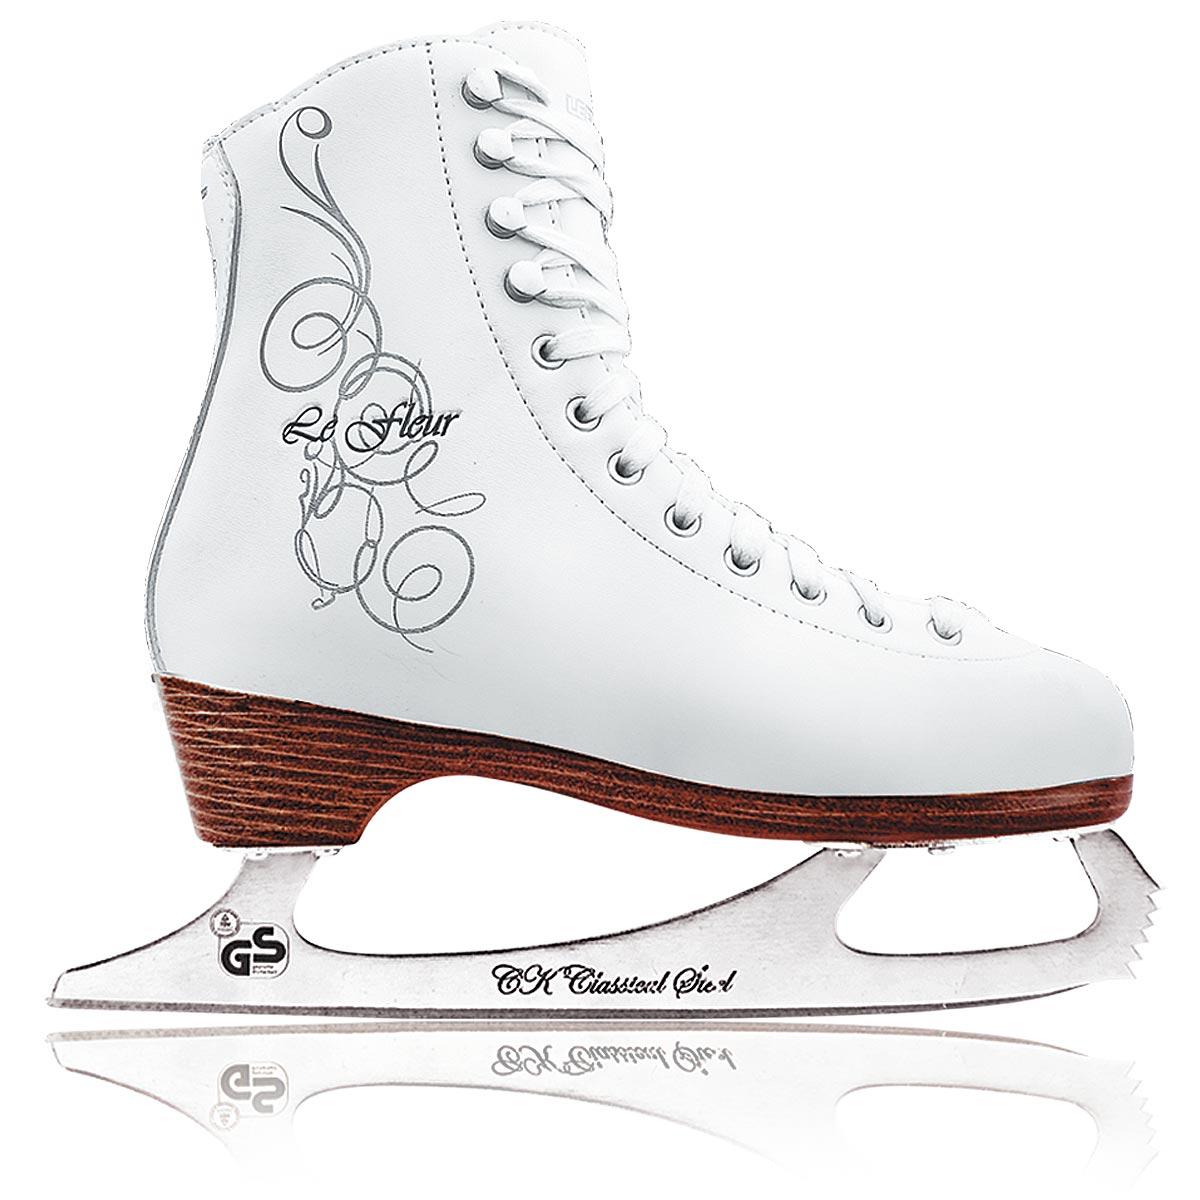 Коньки фигурные для девочки СК Le Fleur Leather 100%, цвет: белый, серебряный. Размер 33 - Коньки